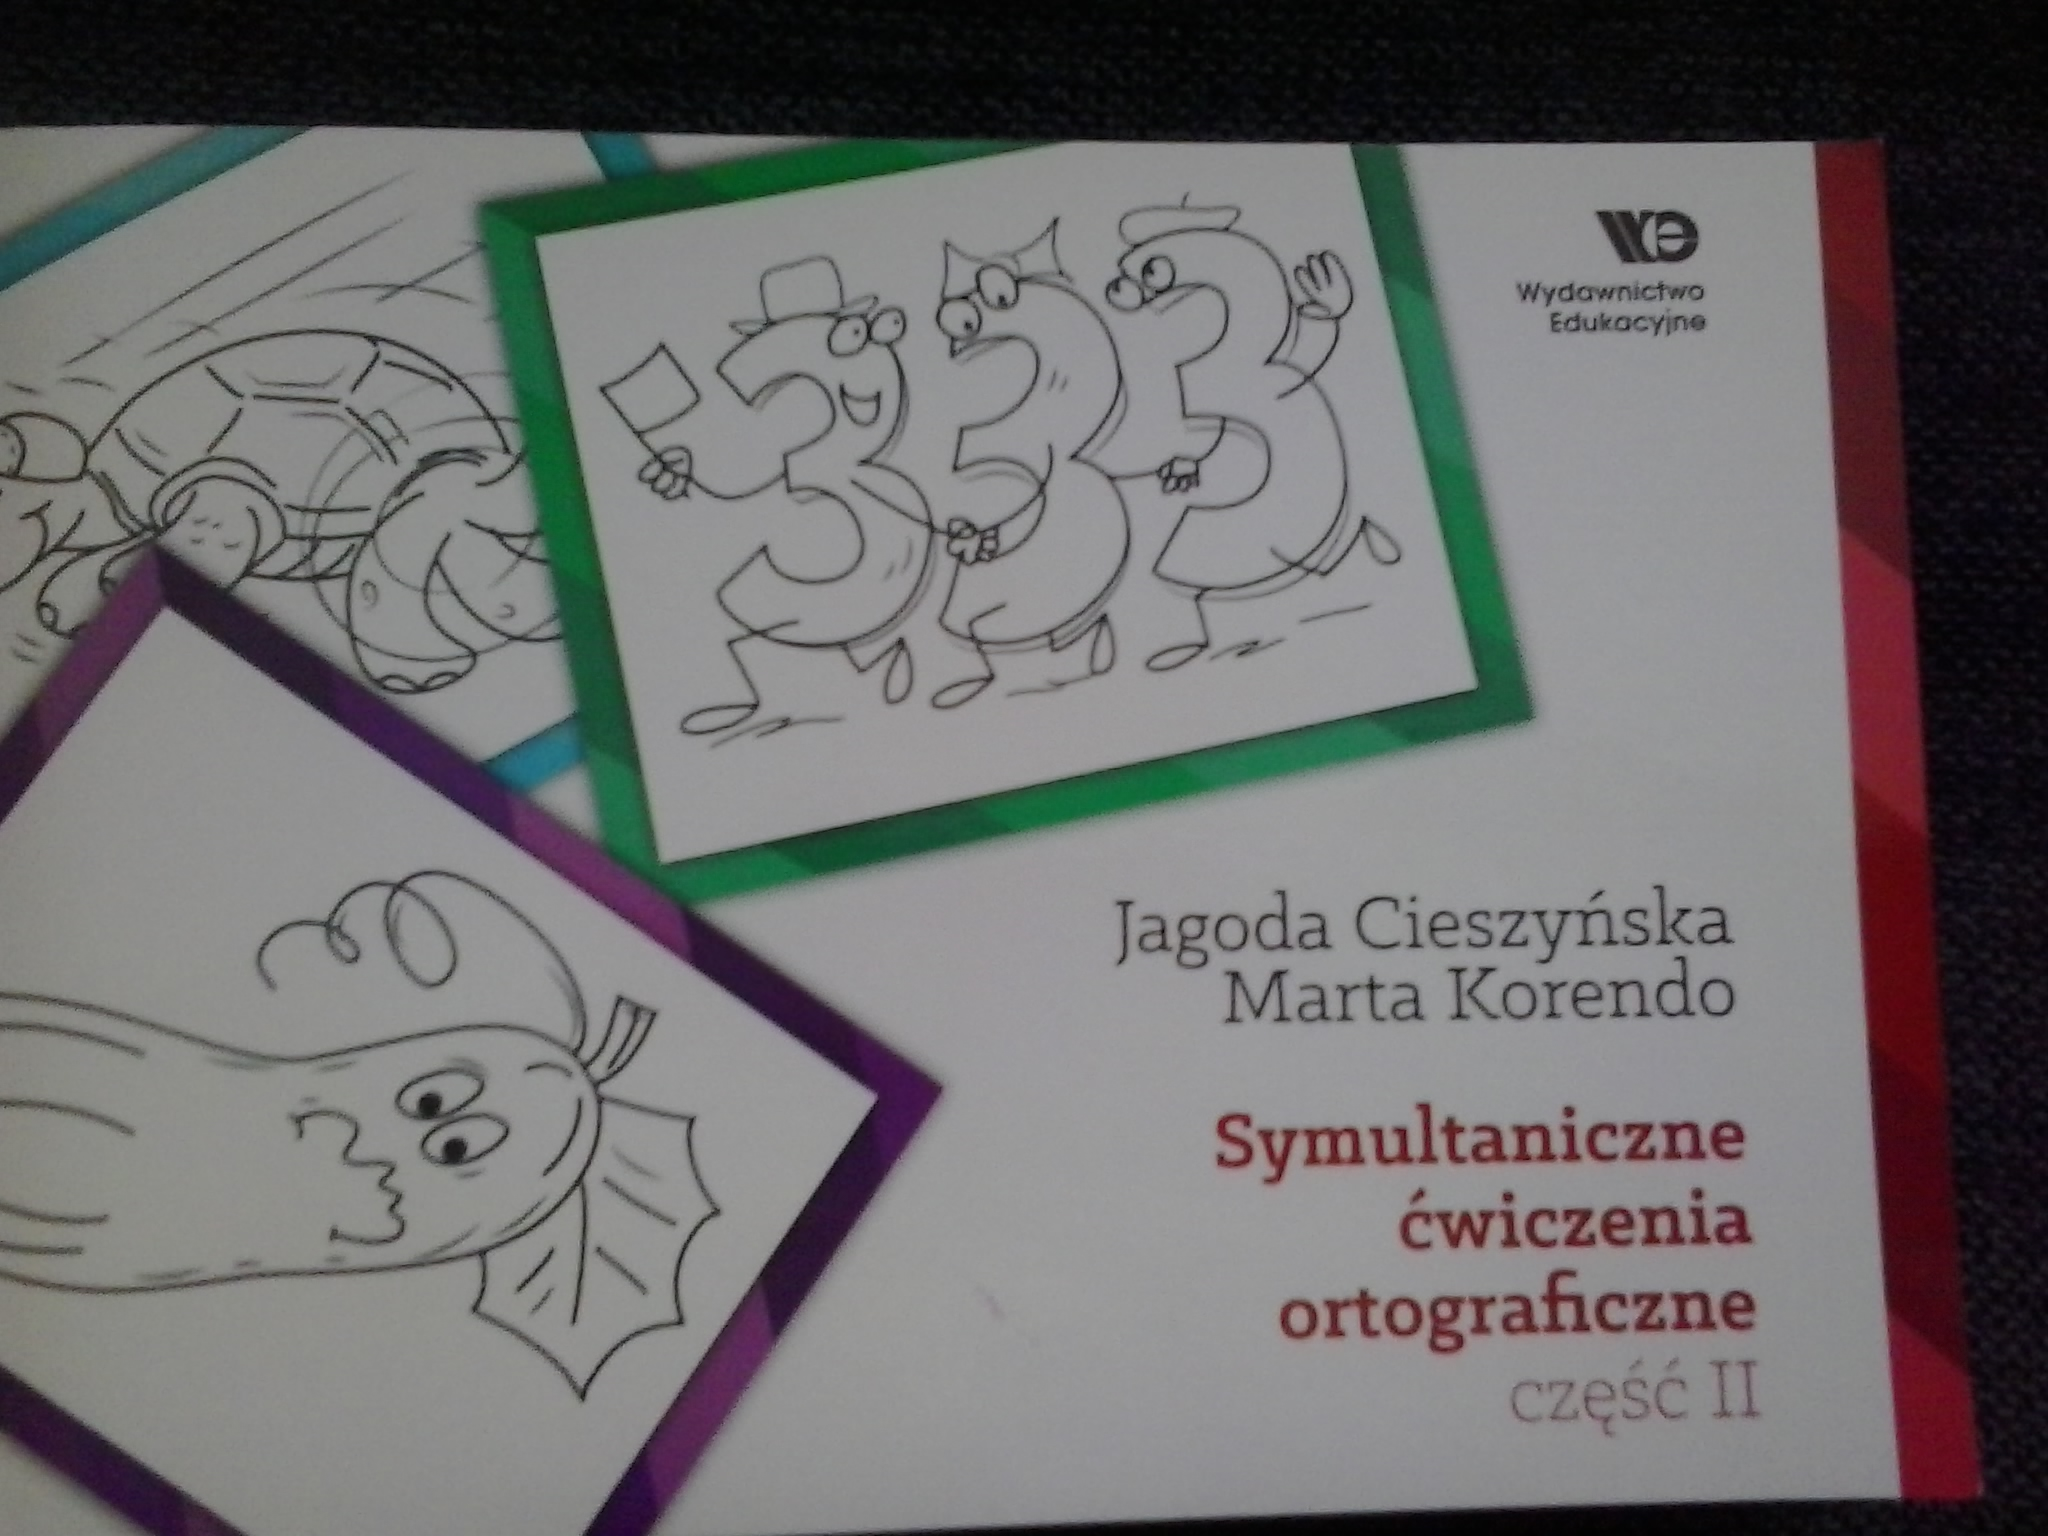 Ćwiczenia ortograficzne dla dzieci dwujęzycznych.